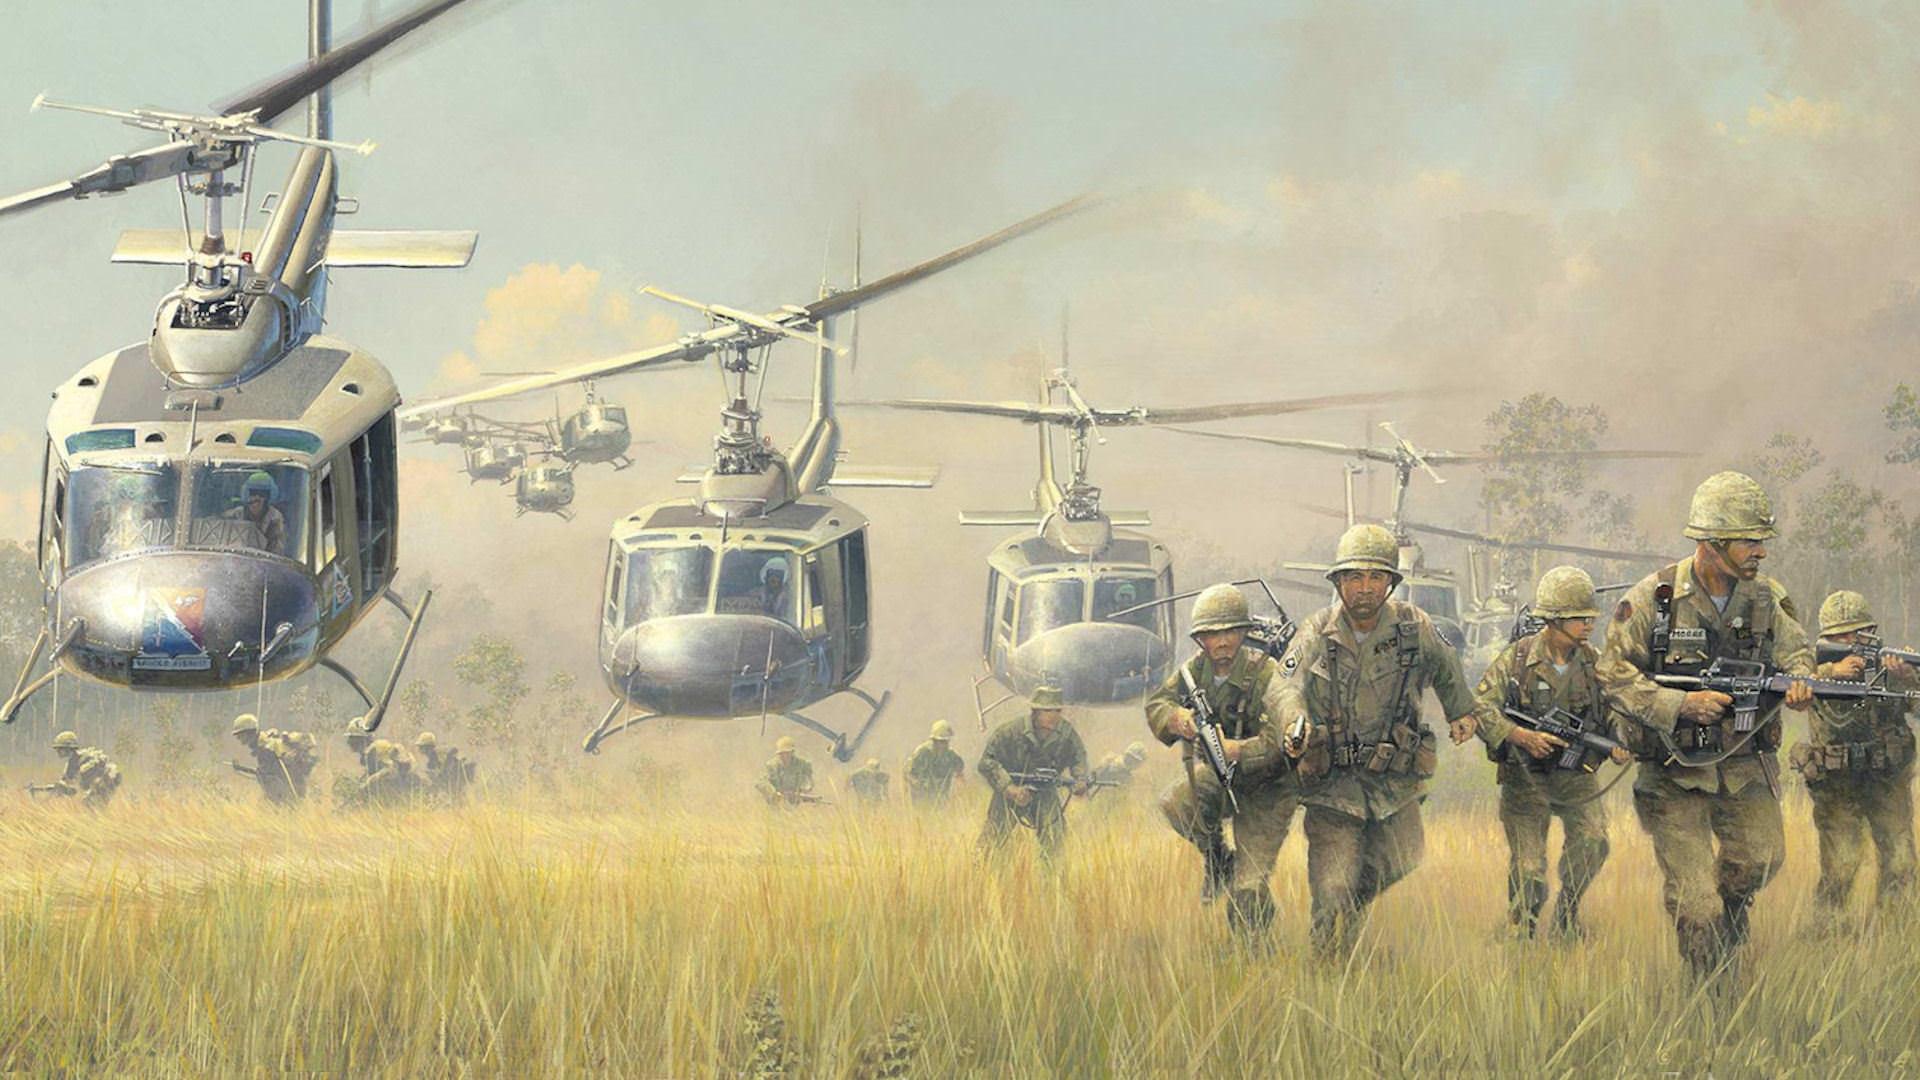 Download war iroquois landing huey vietnam bell wallpaper 1920x1080